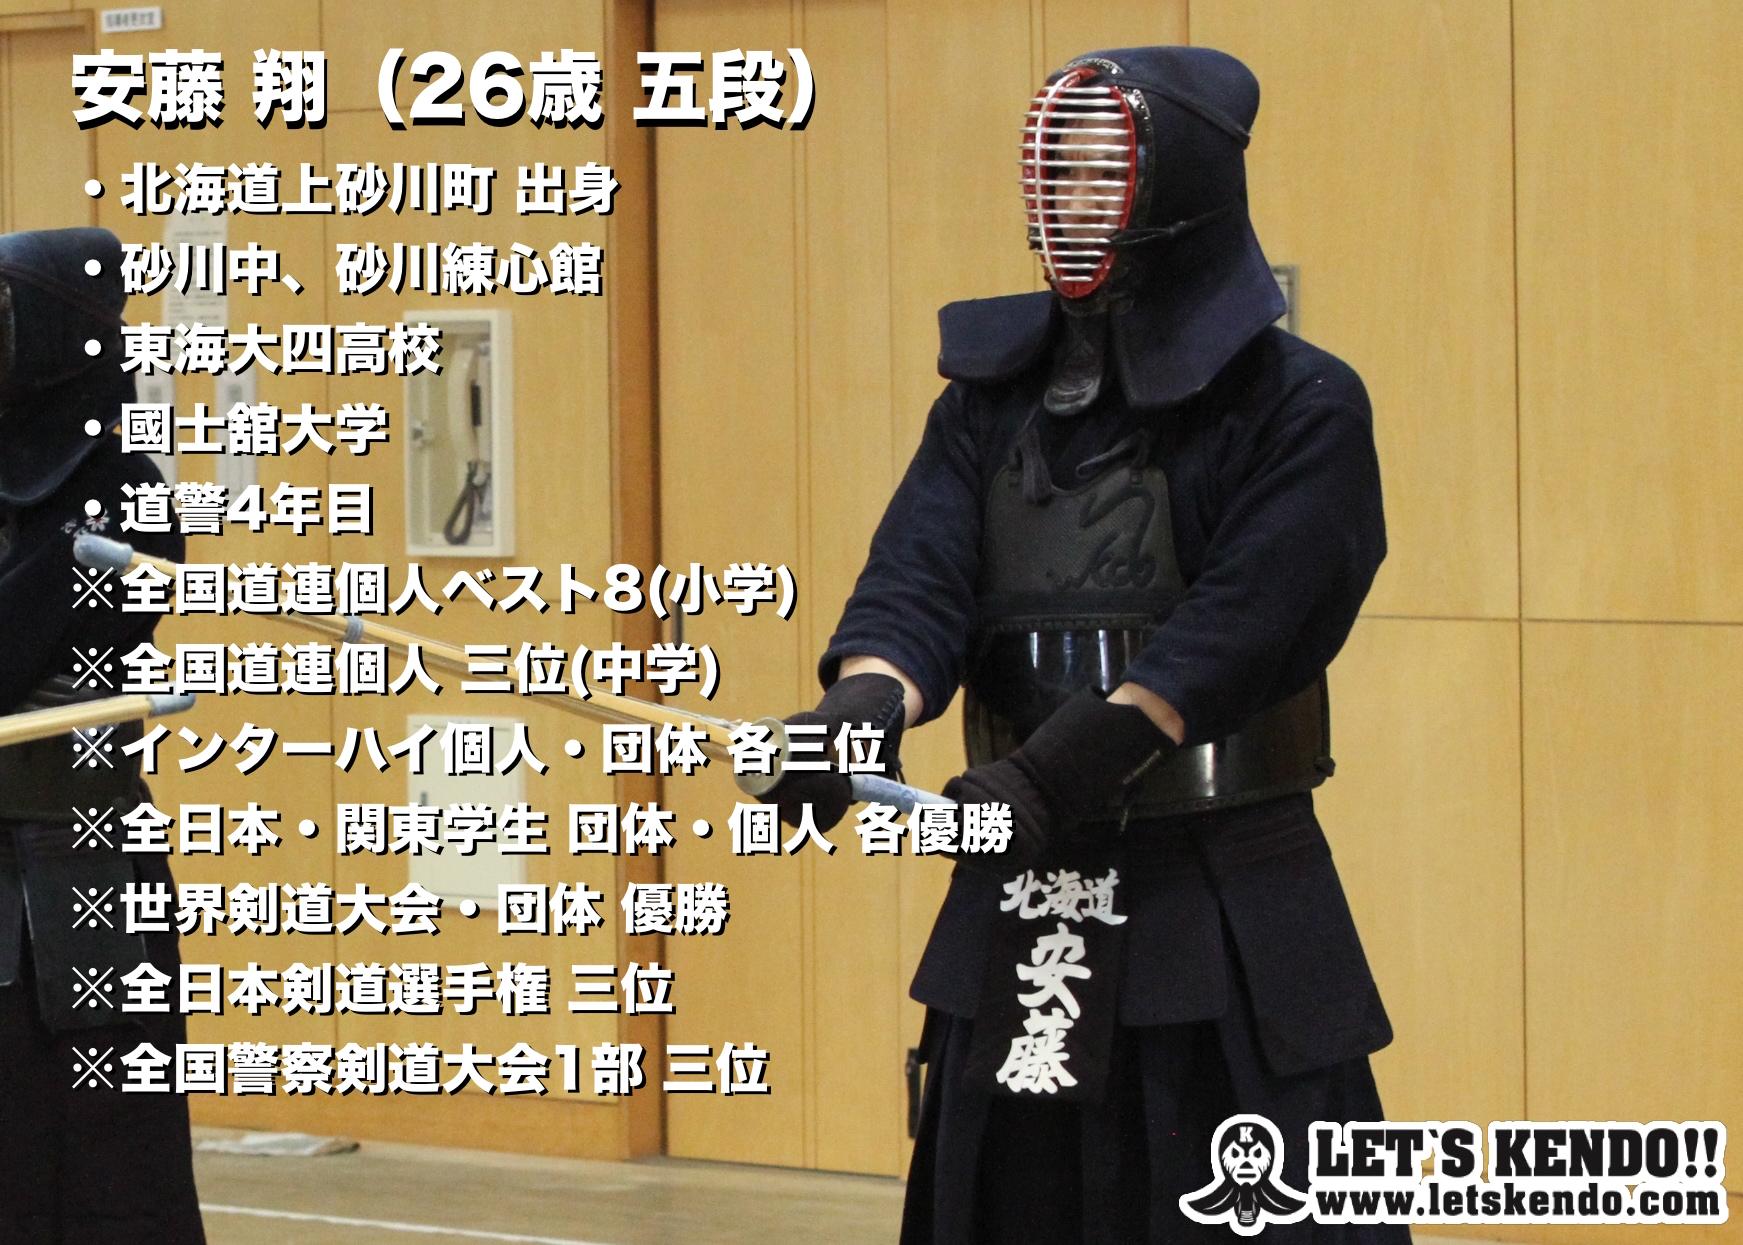 選手一覧 | 剣道情報総合サイト LET'S KENDO